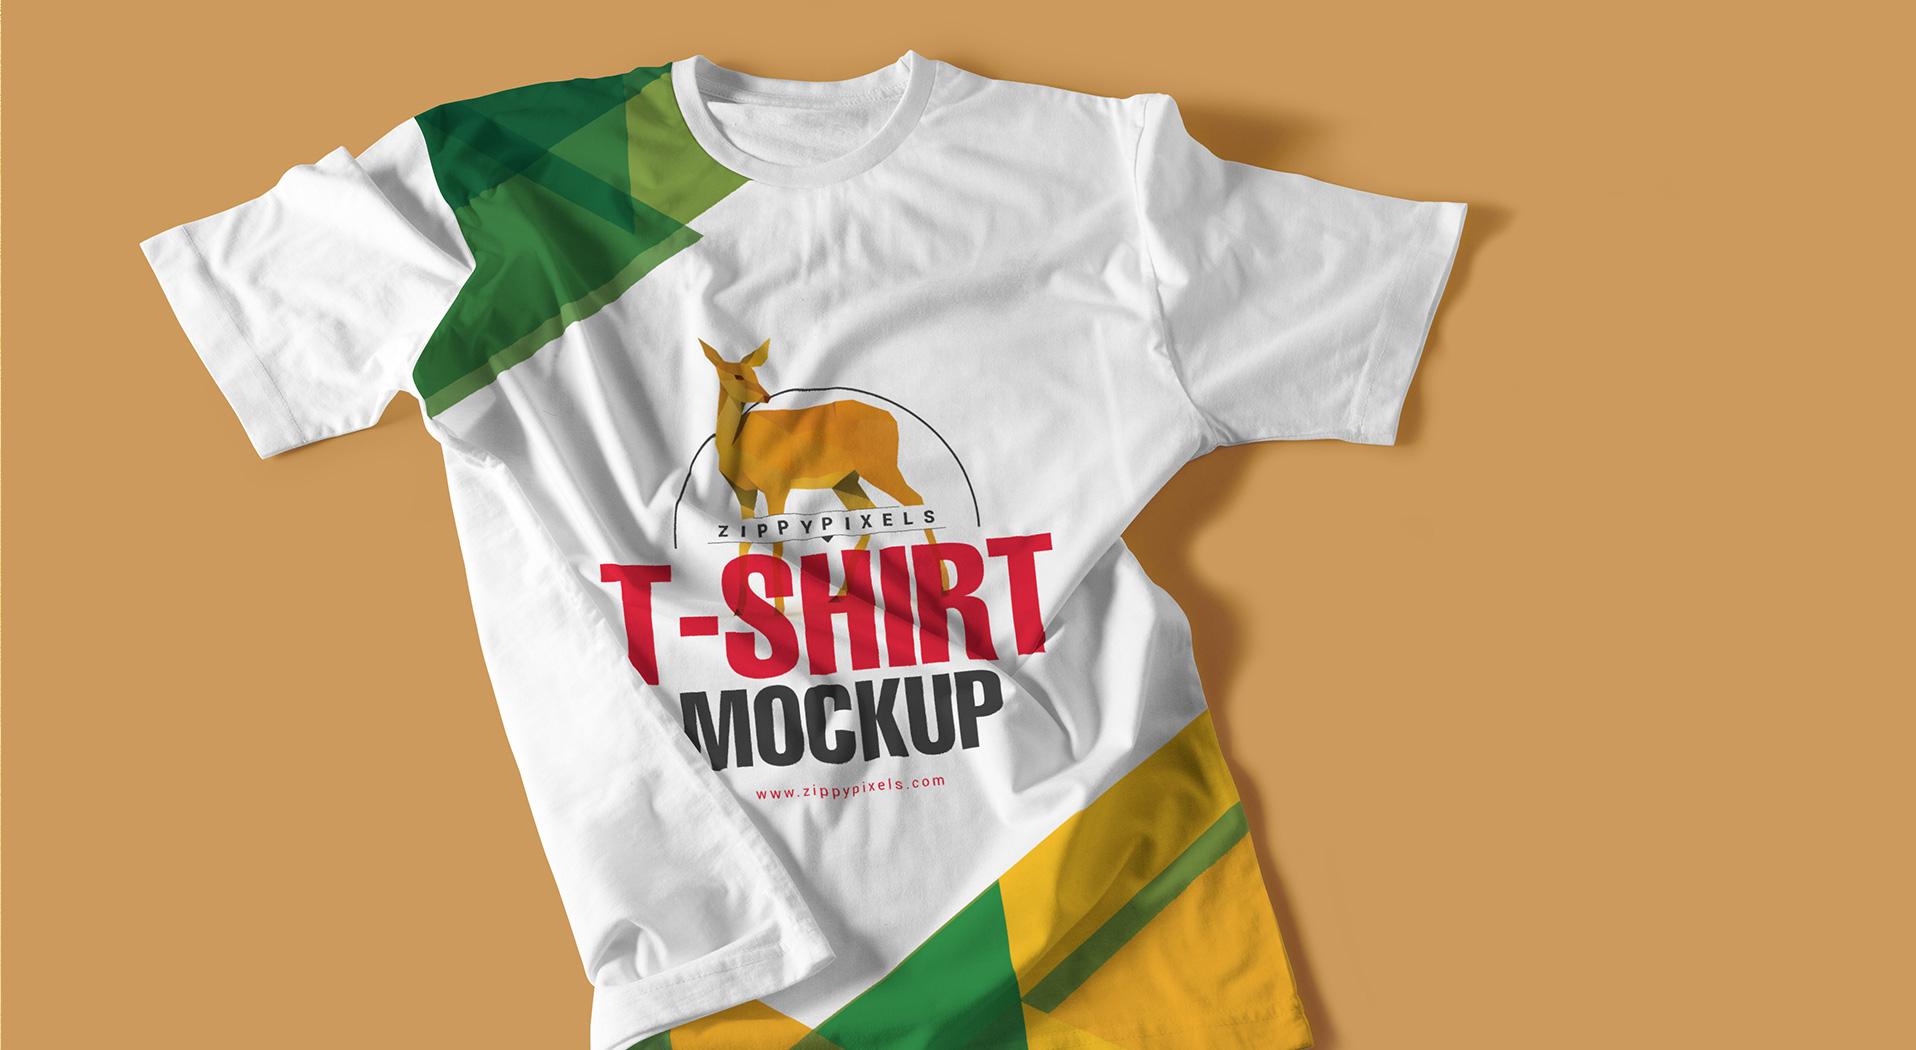 Round neck tshirt mockups vl 3